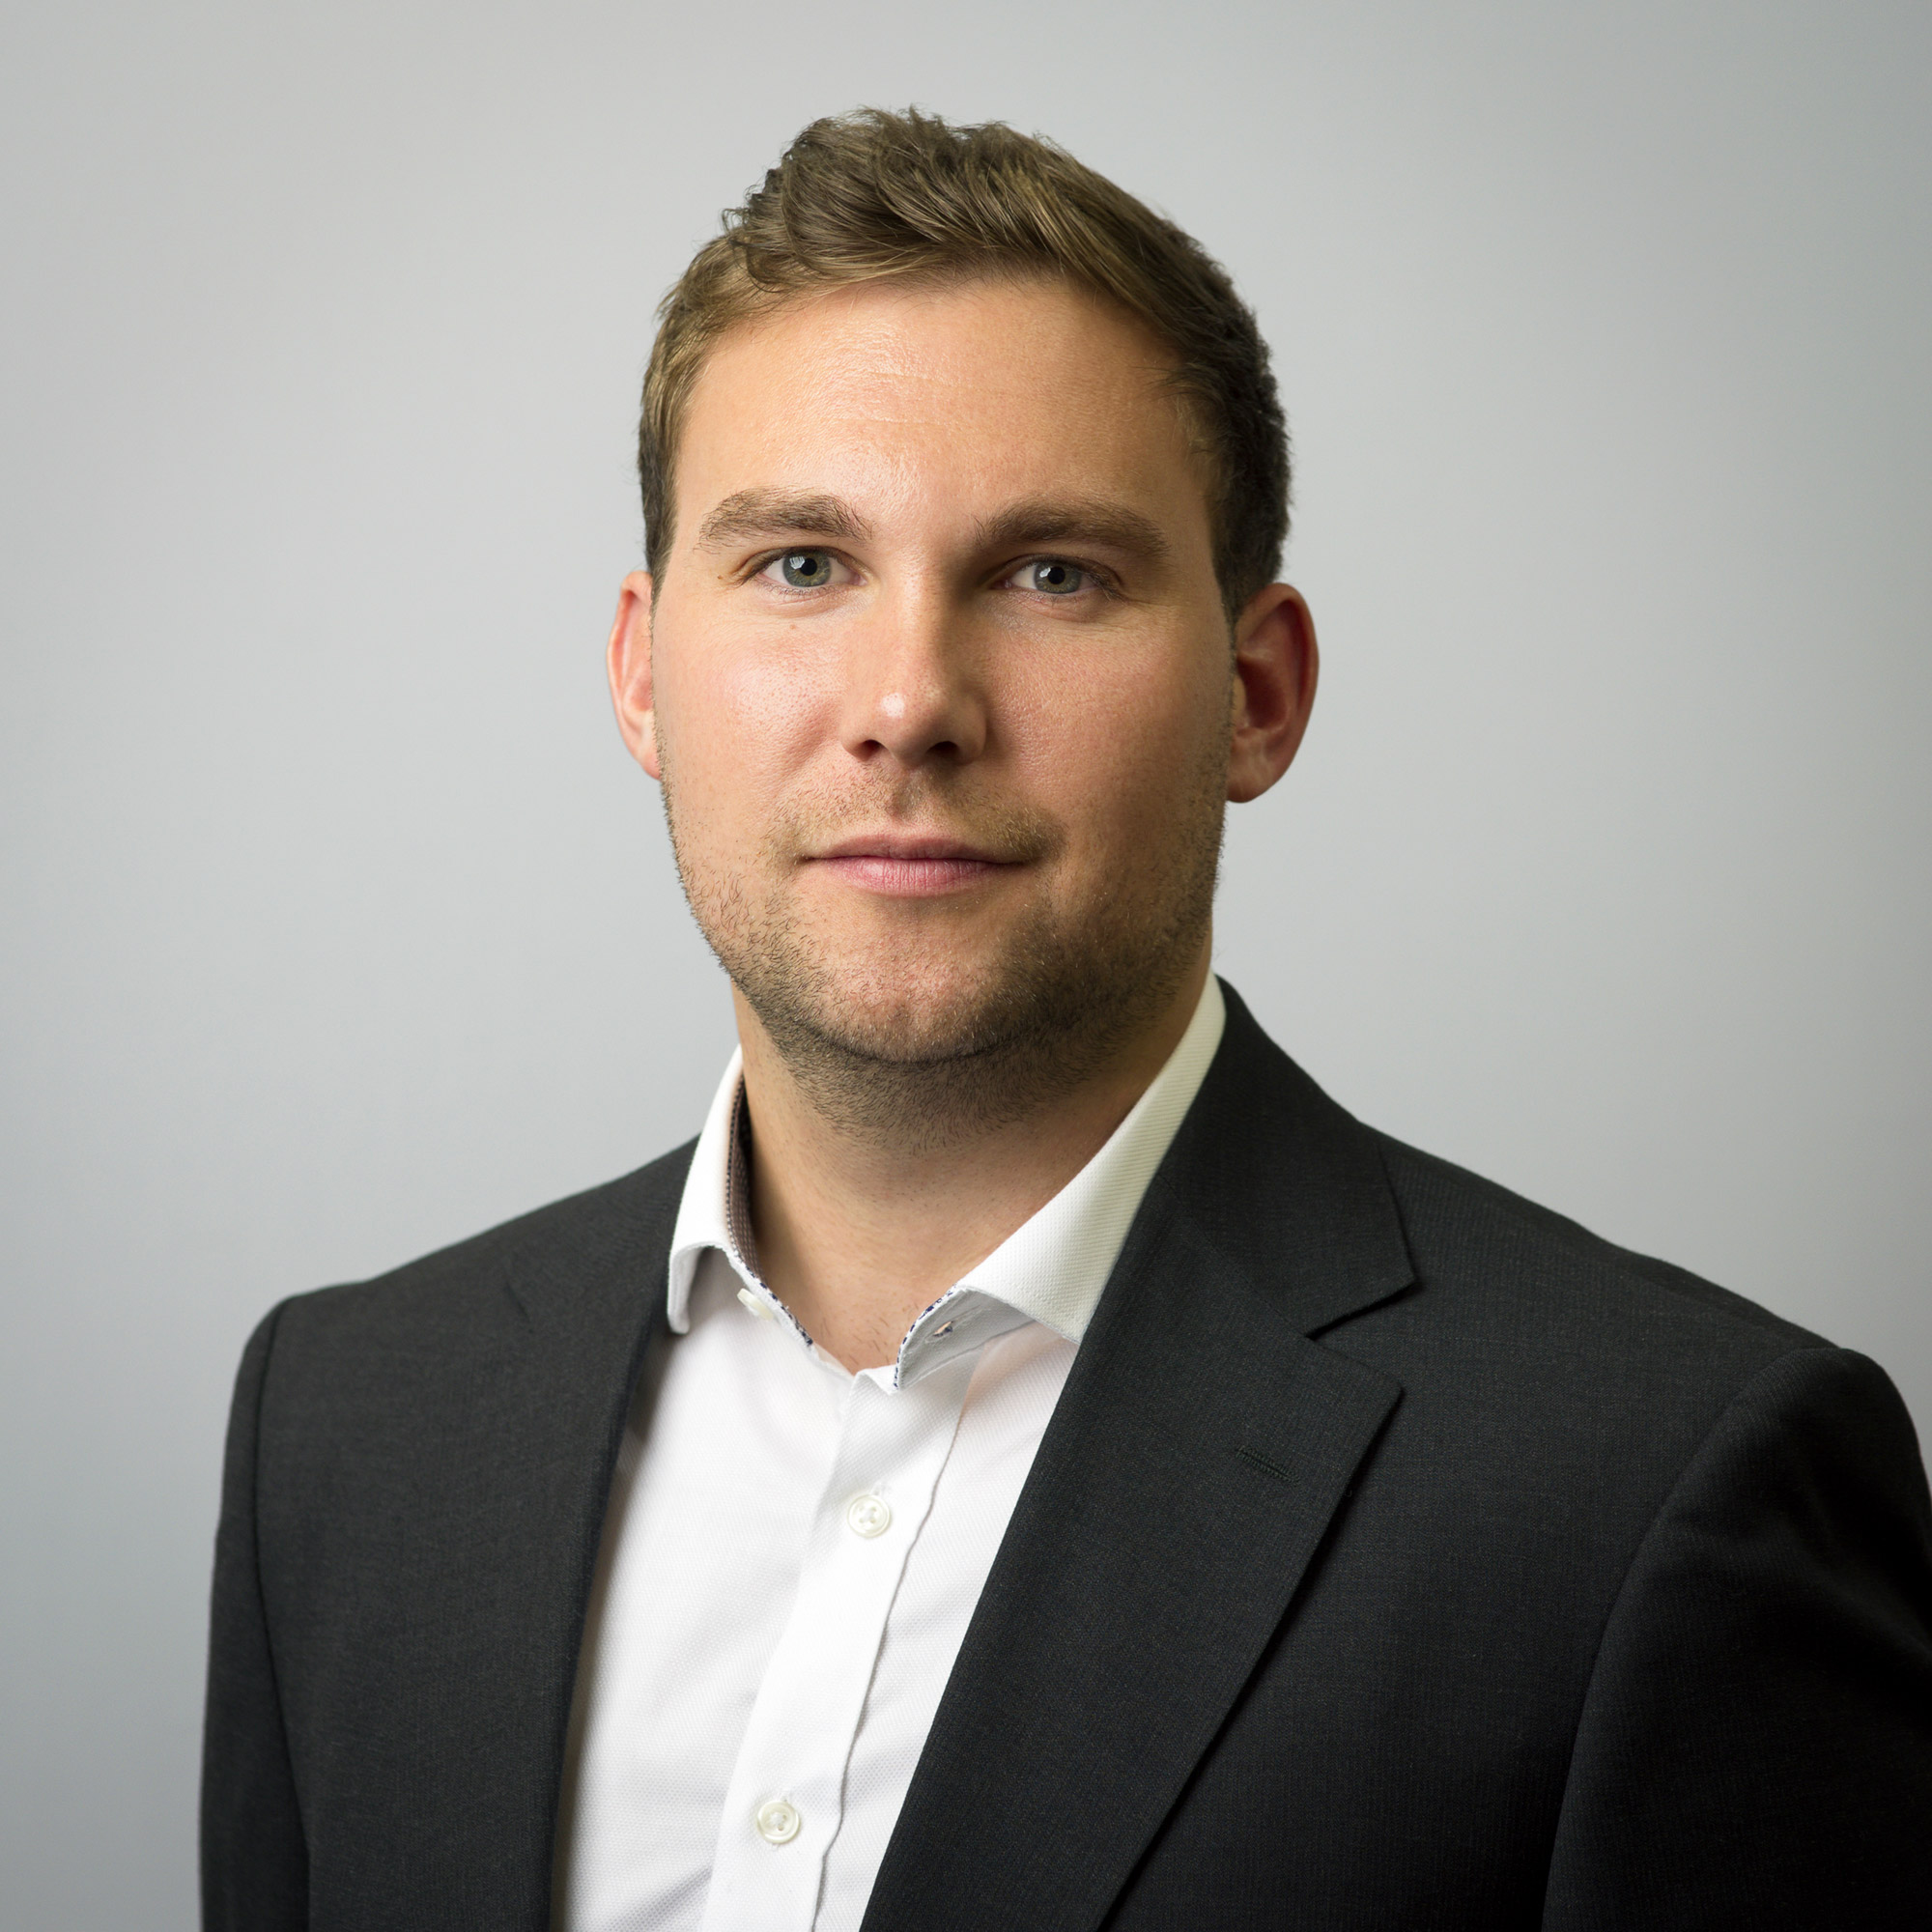 Claude Badowski  Associate — Compliance Asset Management  +44 (0) 207 770 6896 |  Email